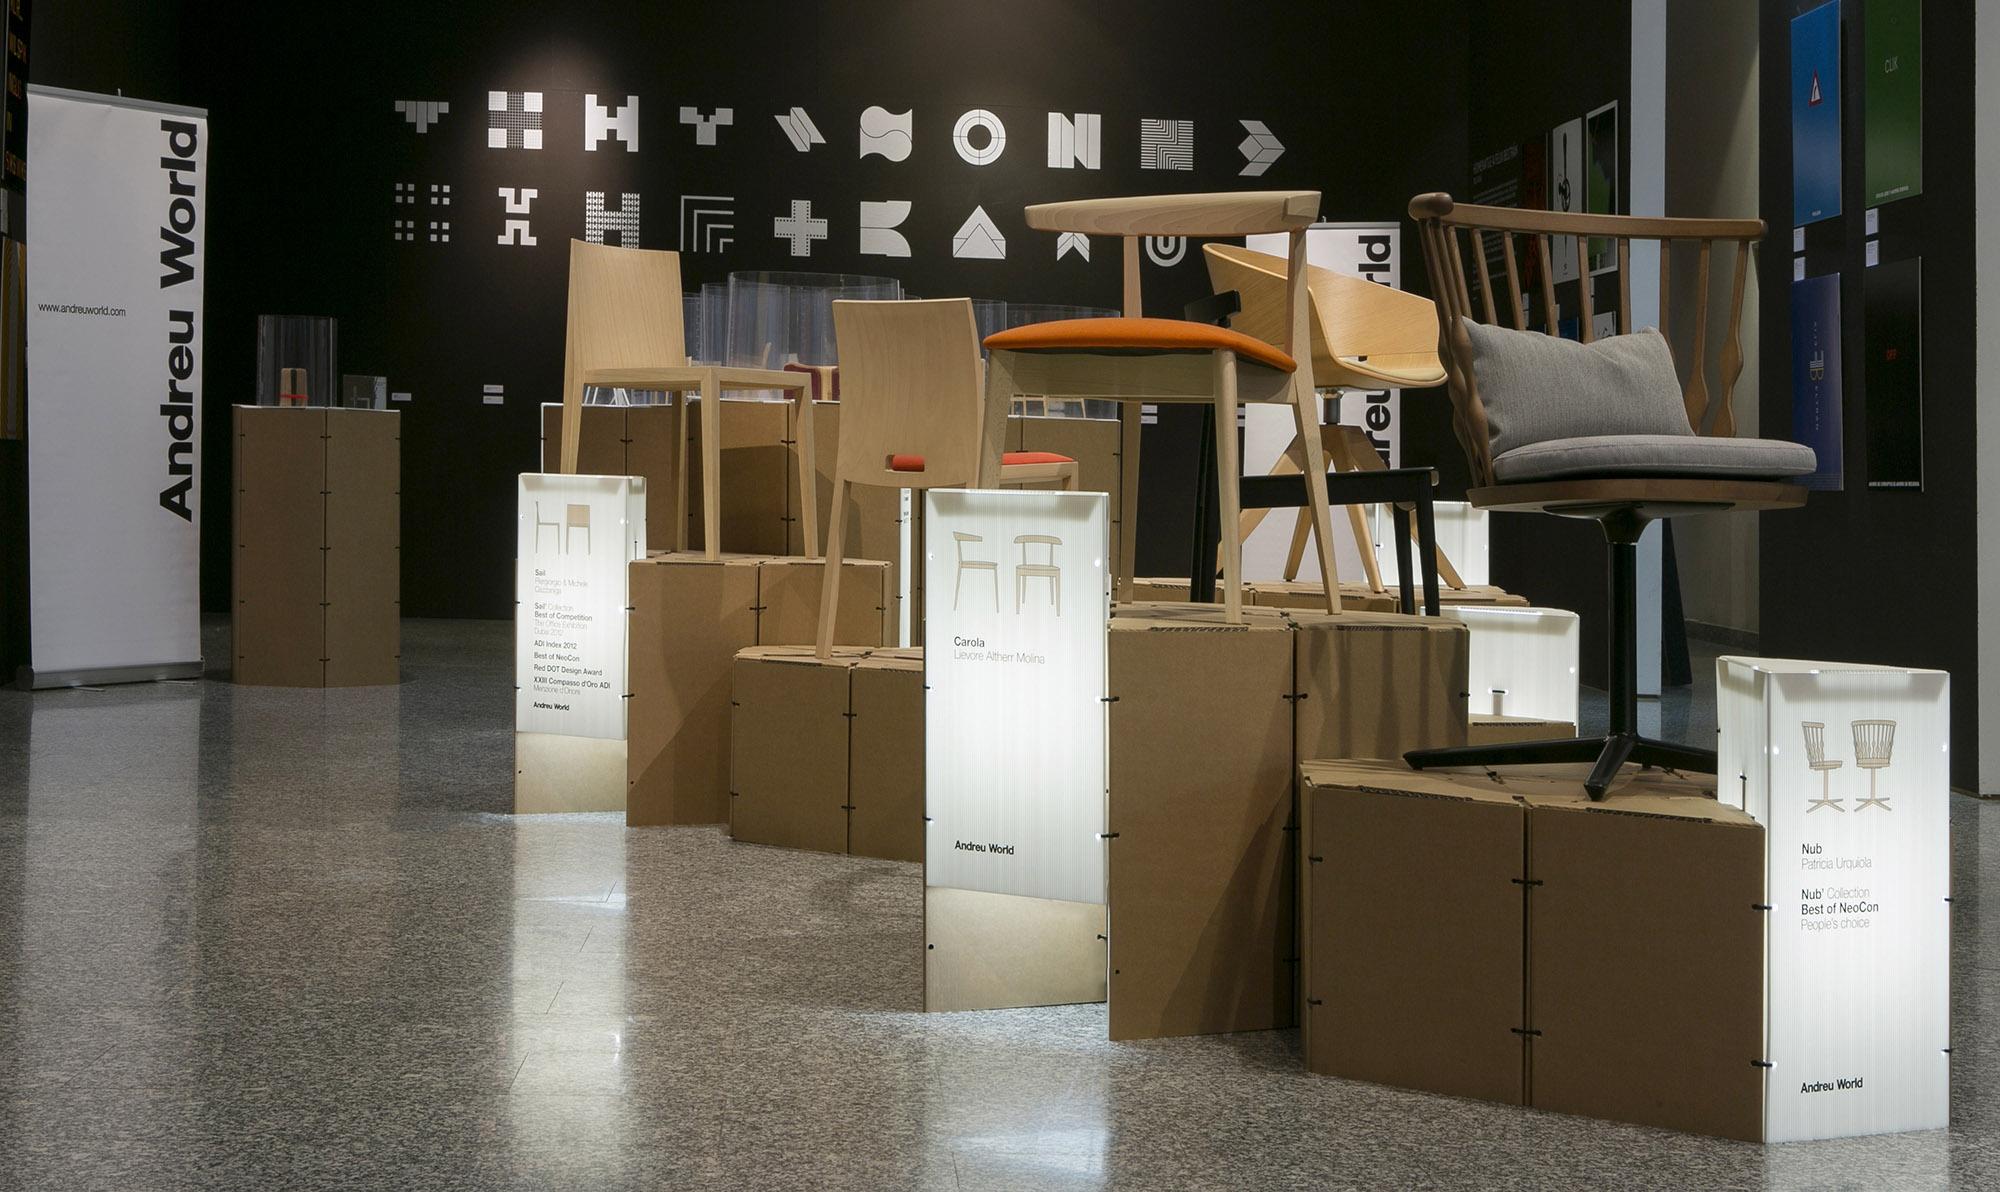 Esposición y entrega de Premios Internacionales de Diseño Andreu World 2014 Montaje Expositivo Diseño de Samaruc Estudio con el Sistema Constructivo en Cartón Triplo* samarucestudio.com Foto Adolfo López fandi.es